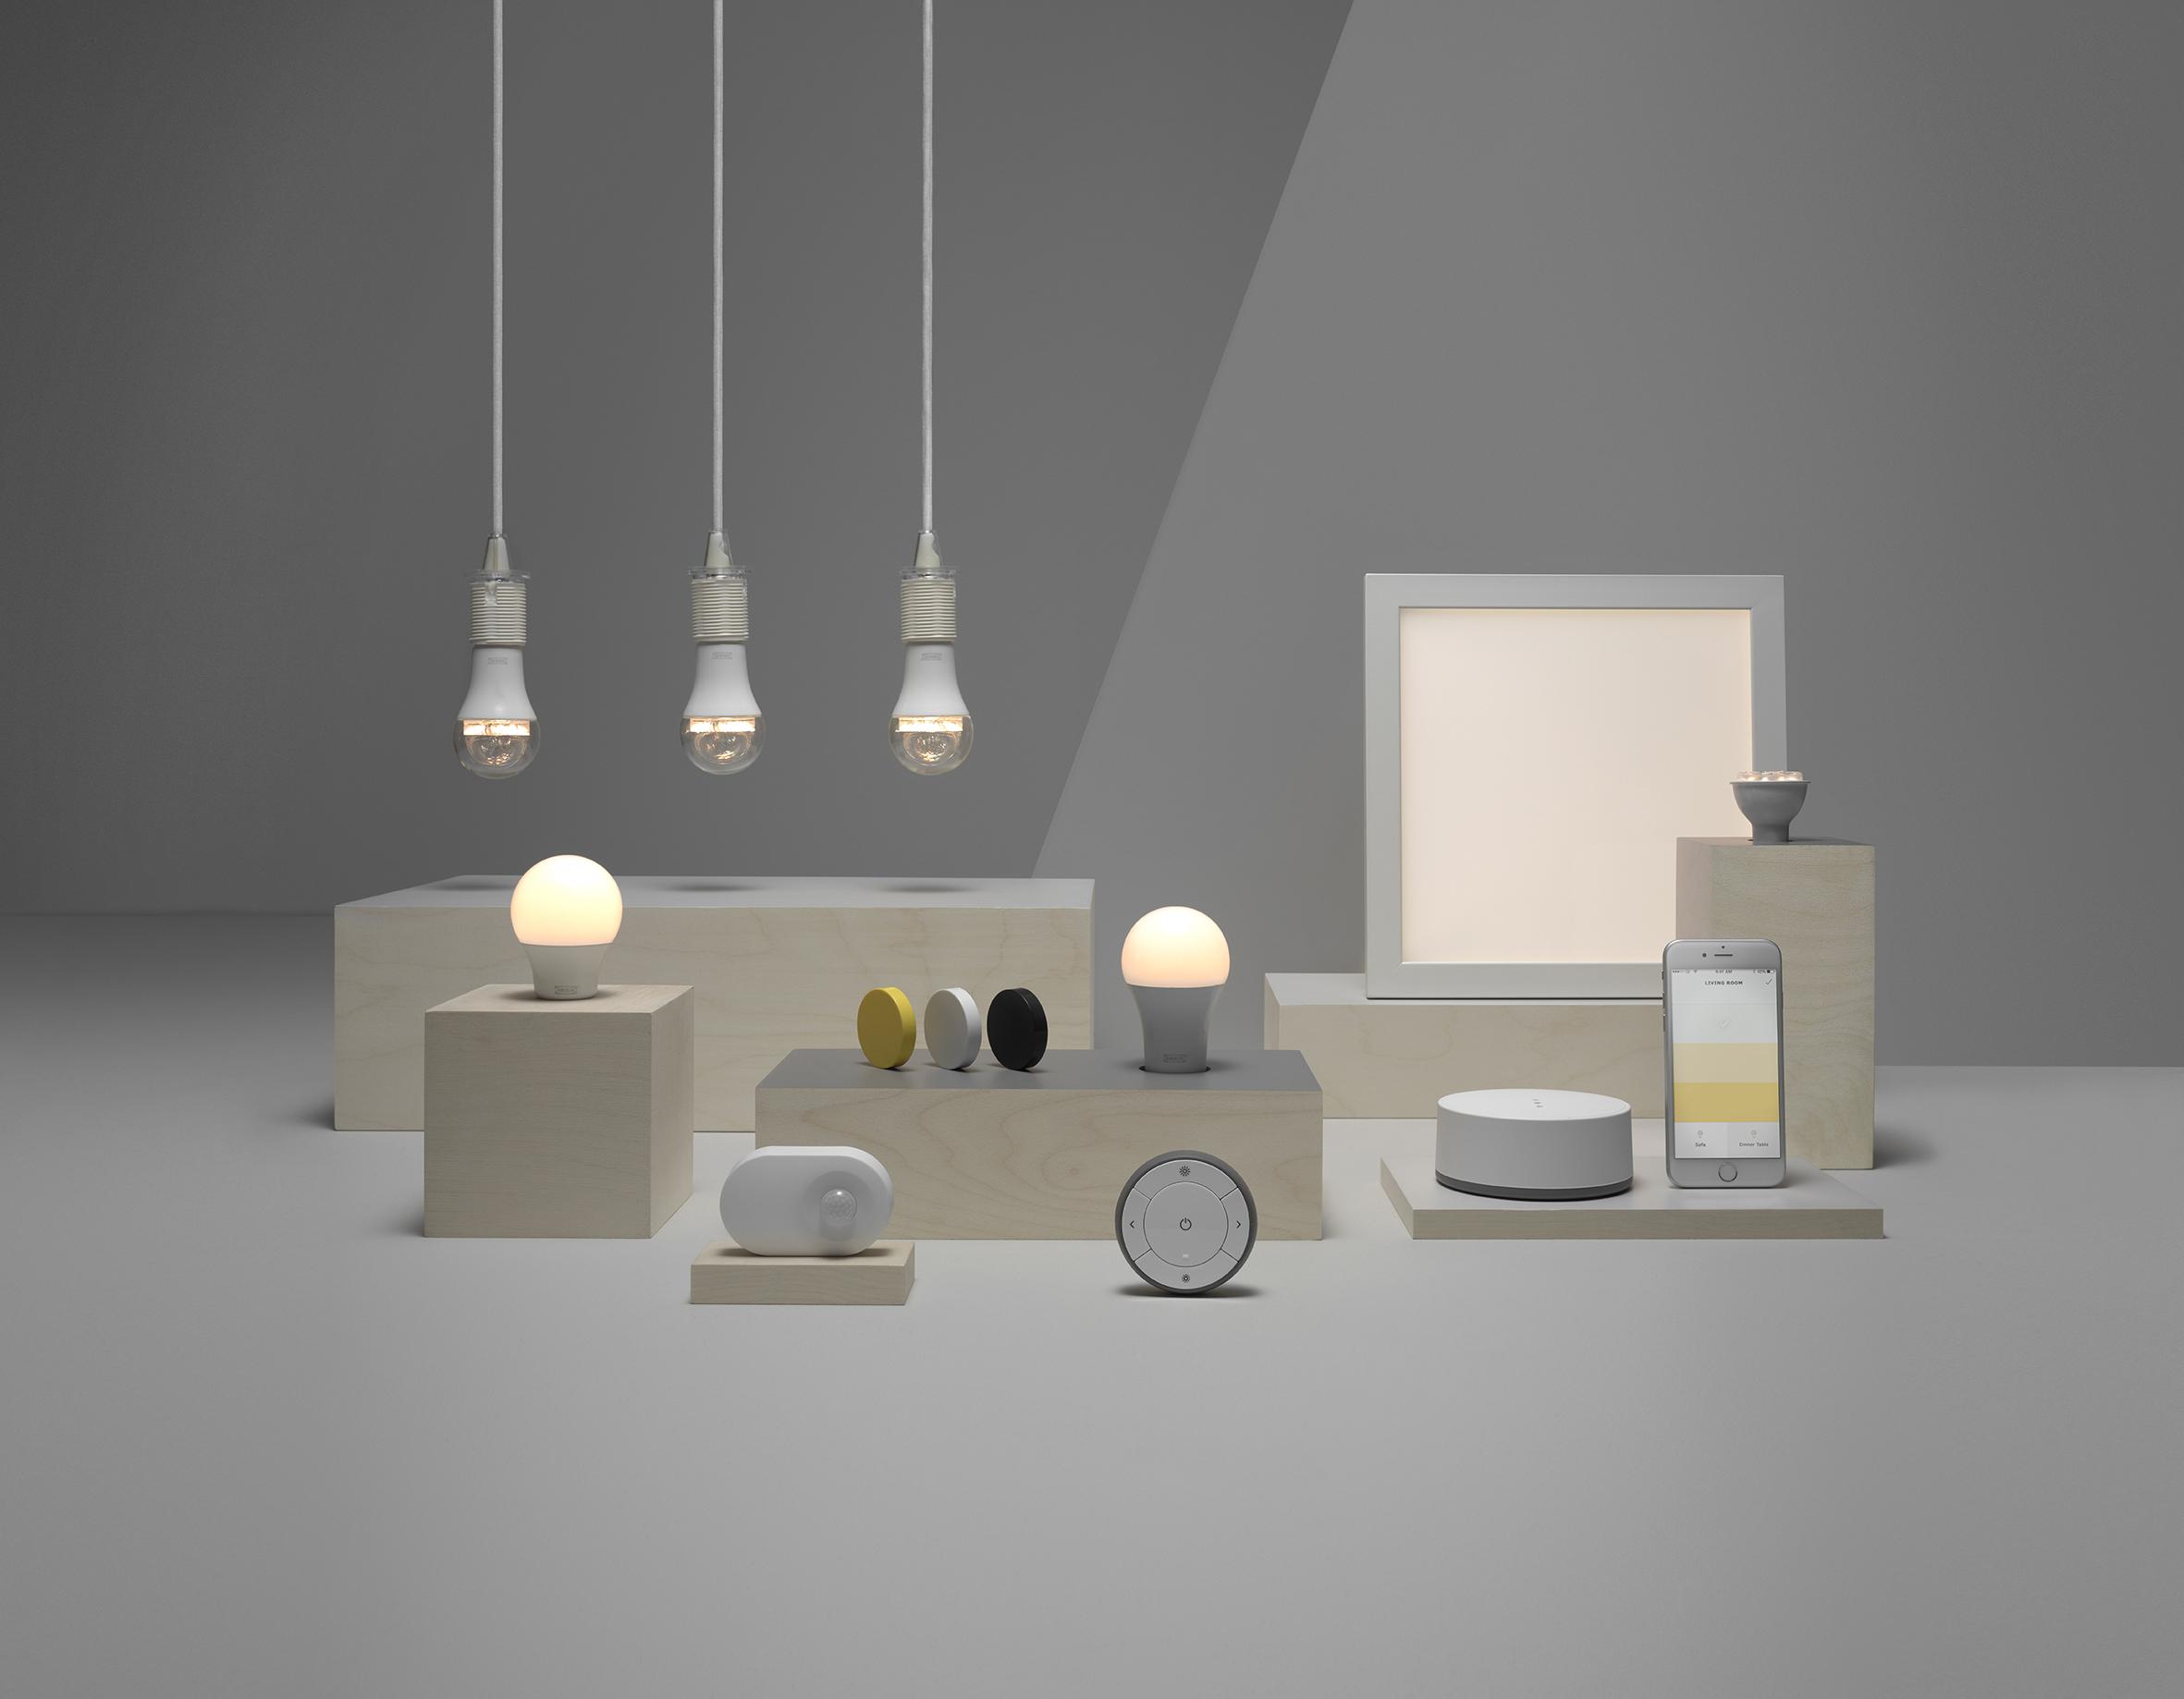 Full Size of Ikea Stehlampen Tradfri Küche Kosten Betten Bei Modulküche Sofa Mit Schlaffunktion Miniküche 160x200 Wohnzimmer Kaufen Wohnzimmer Ikea Stehlampen